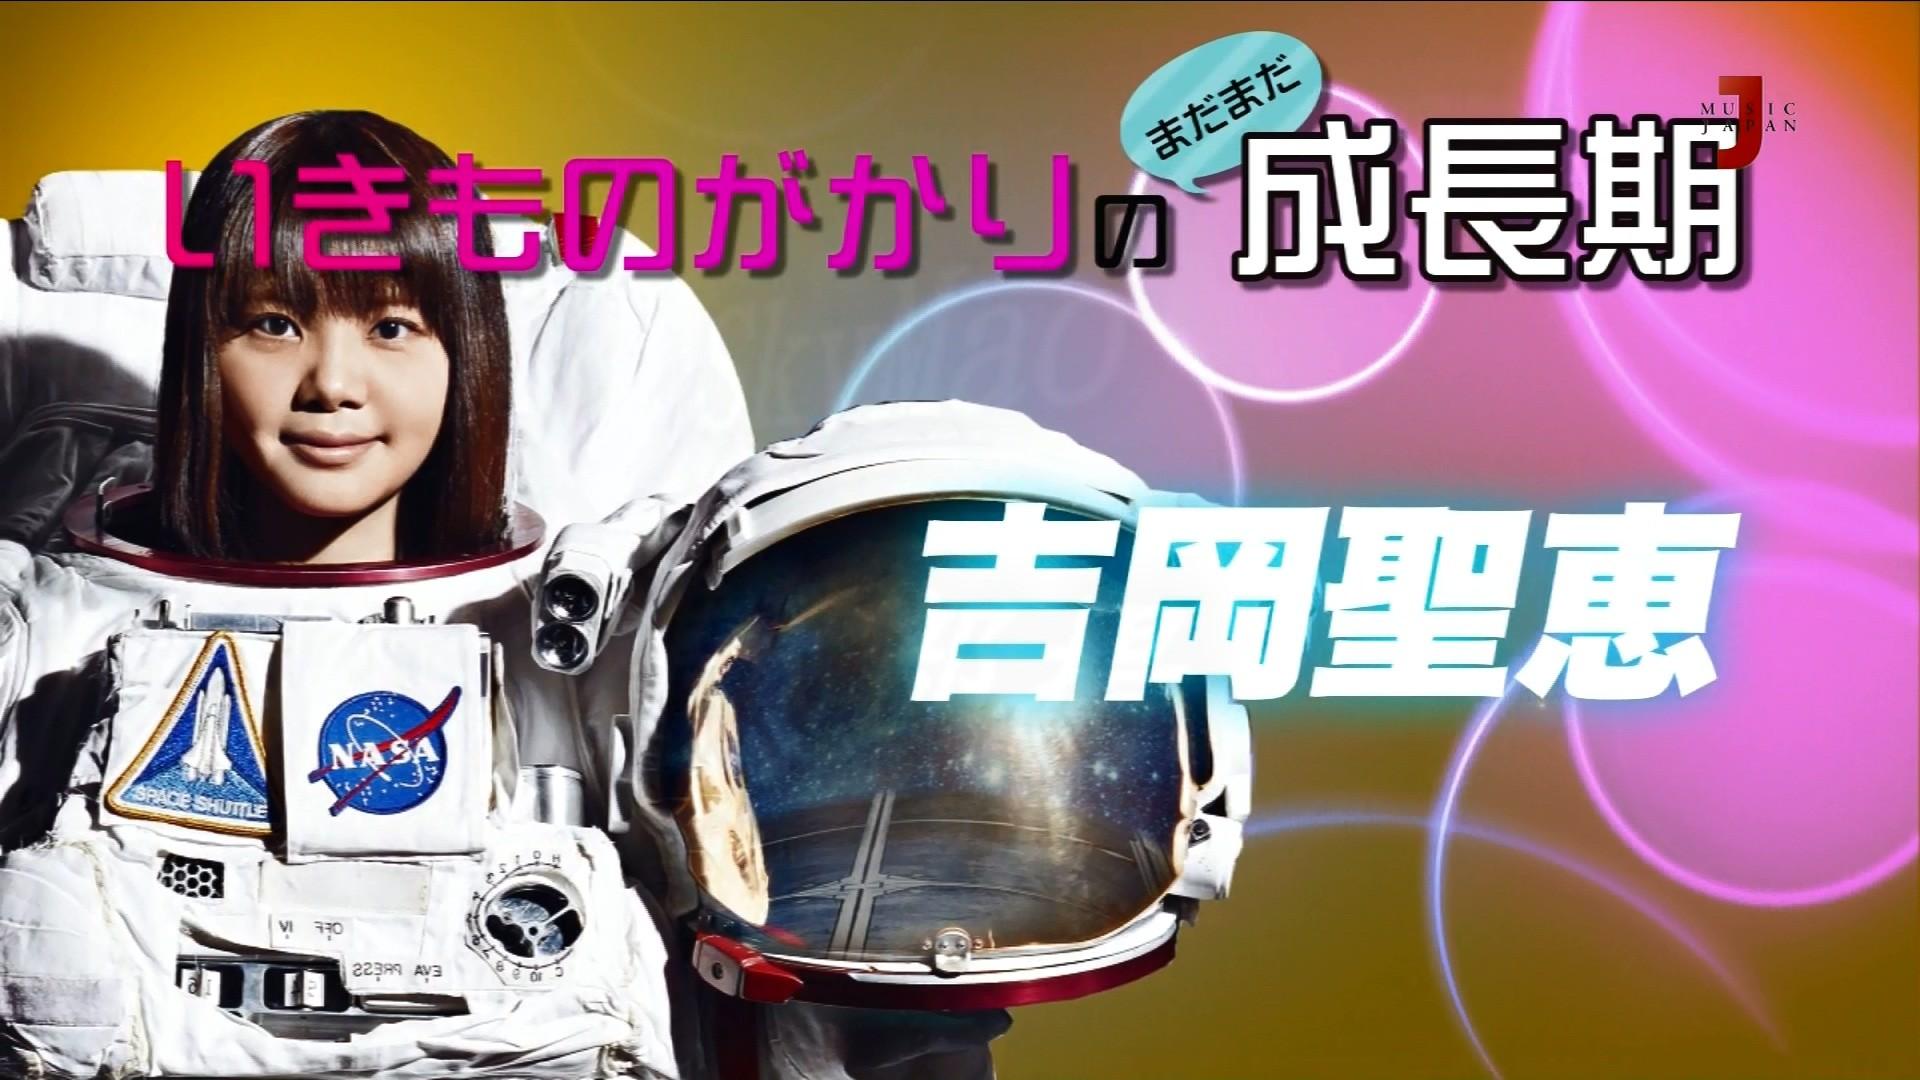 2016.05.07 いきものがかり スペシャル(MJTV).ts_20160507_192535.245